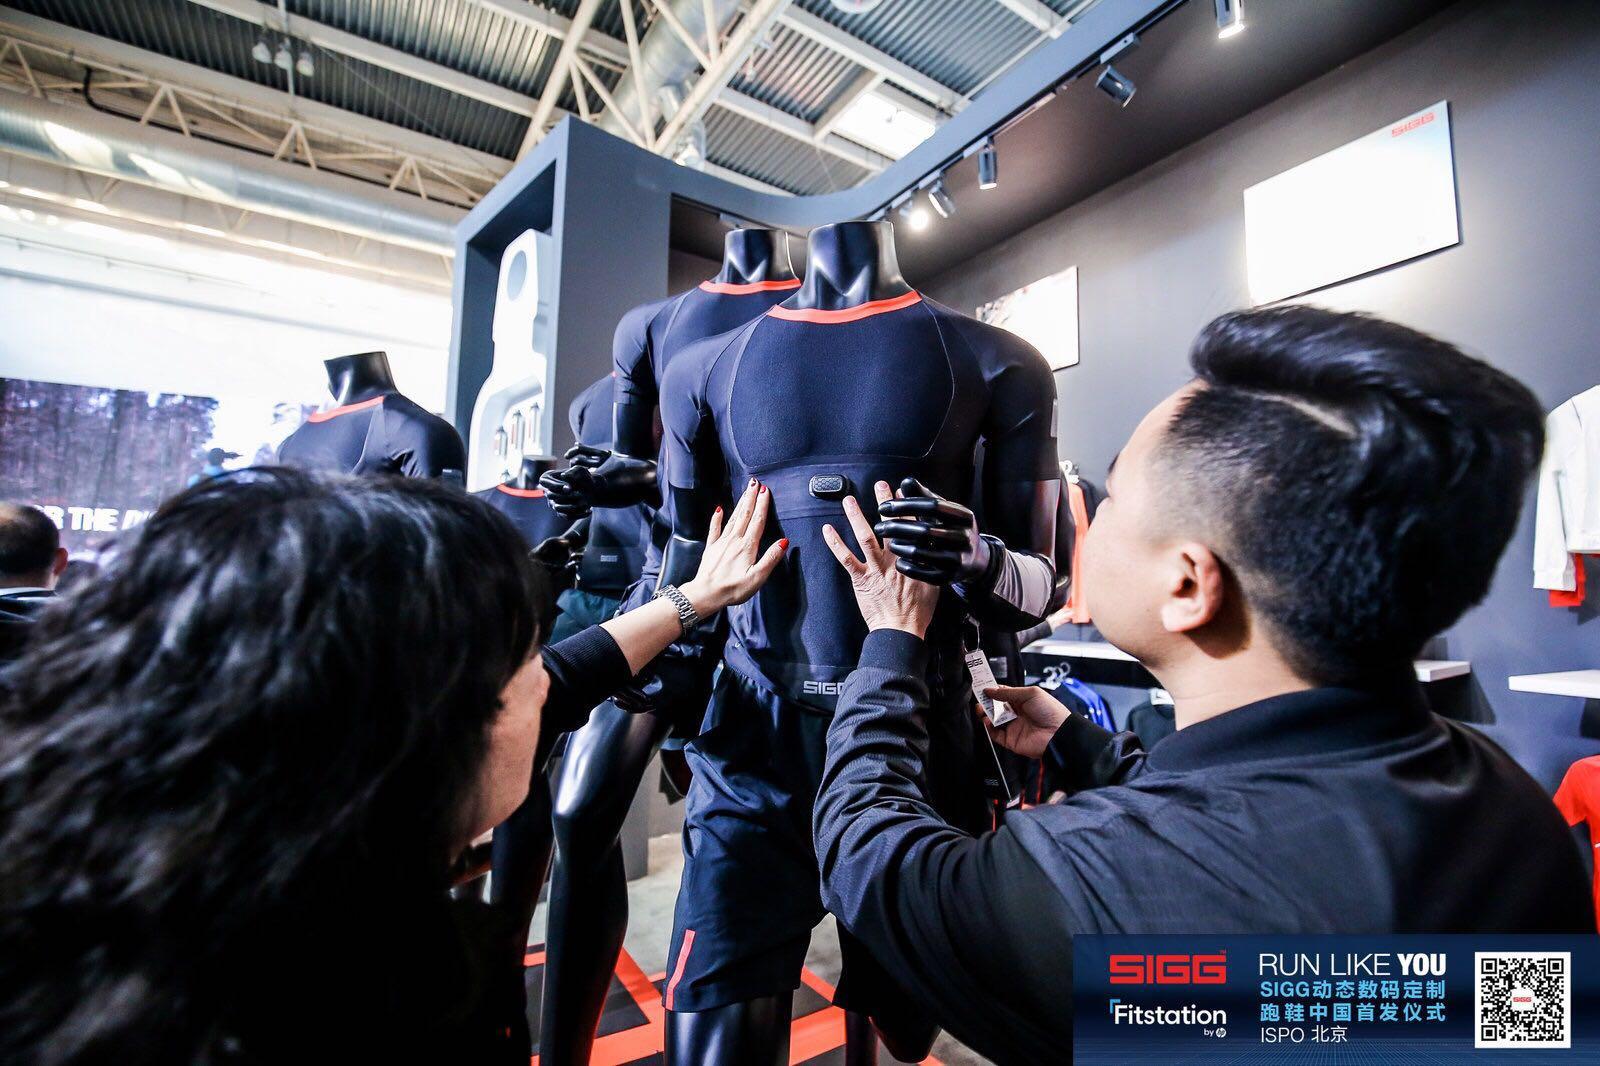 瑞士希格科技新品,动态数码定制跑鞋中国来袭